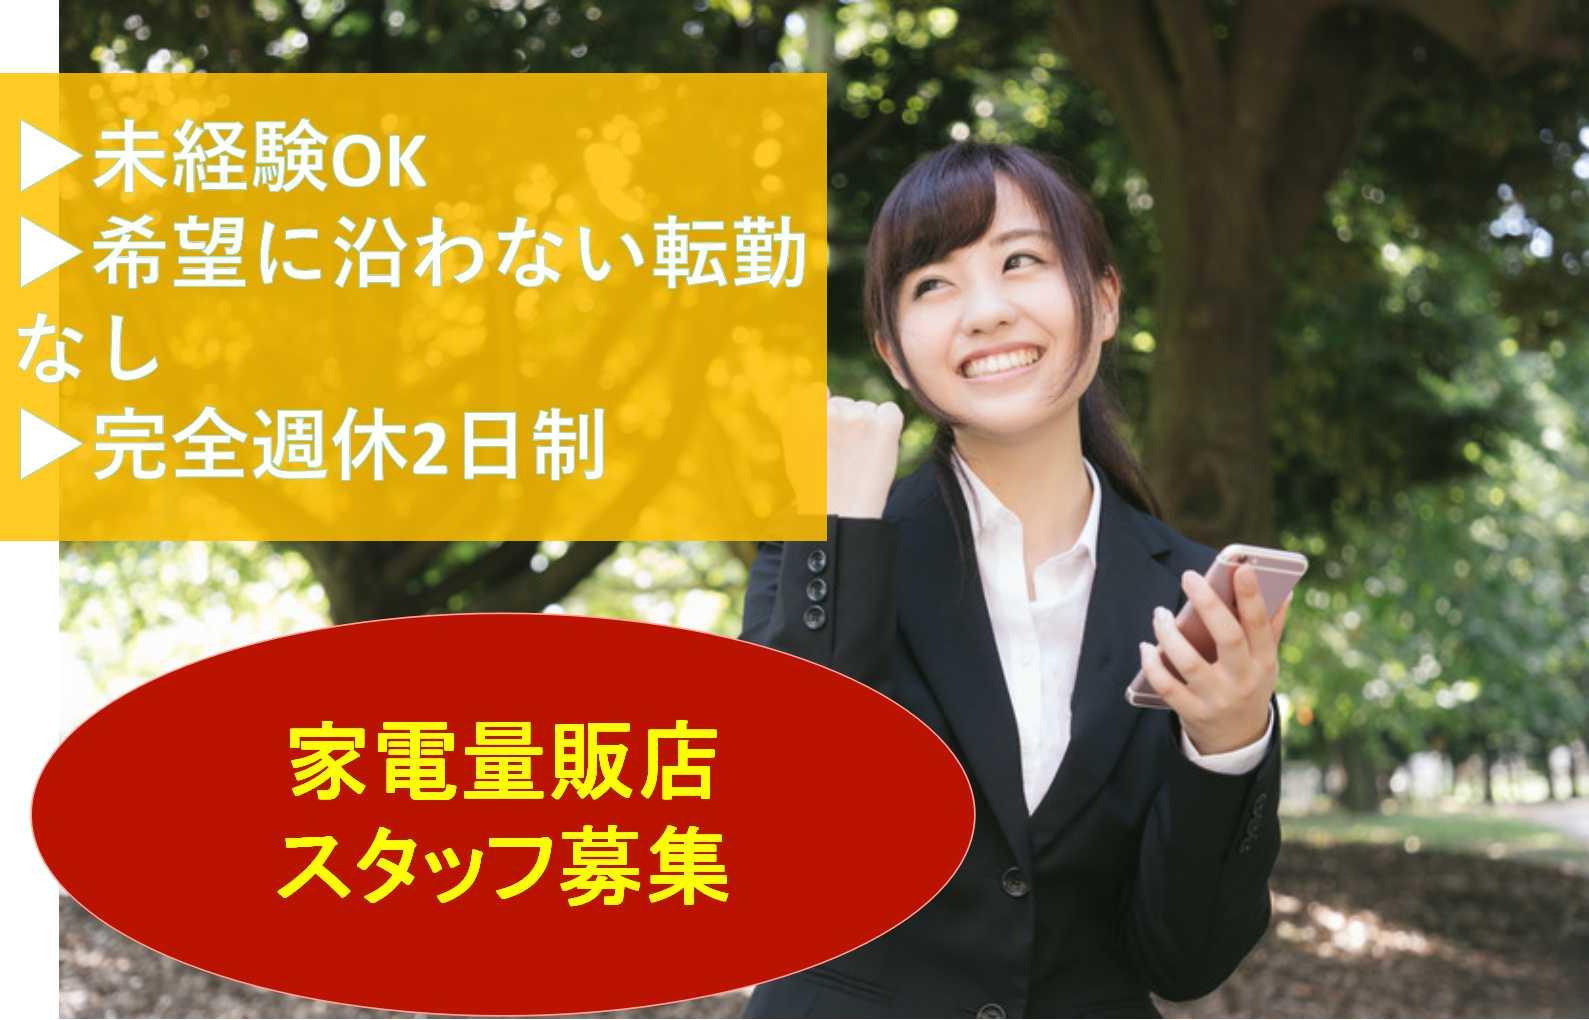 【名古屋市南区】希望に沿わない転勤なし♪ワンランク上の接客を目指す!家電量販店スタッフ【即面談可能】 イメージ